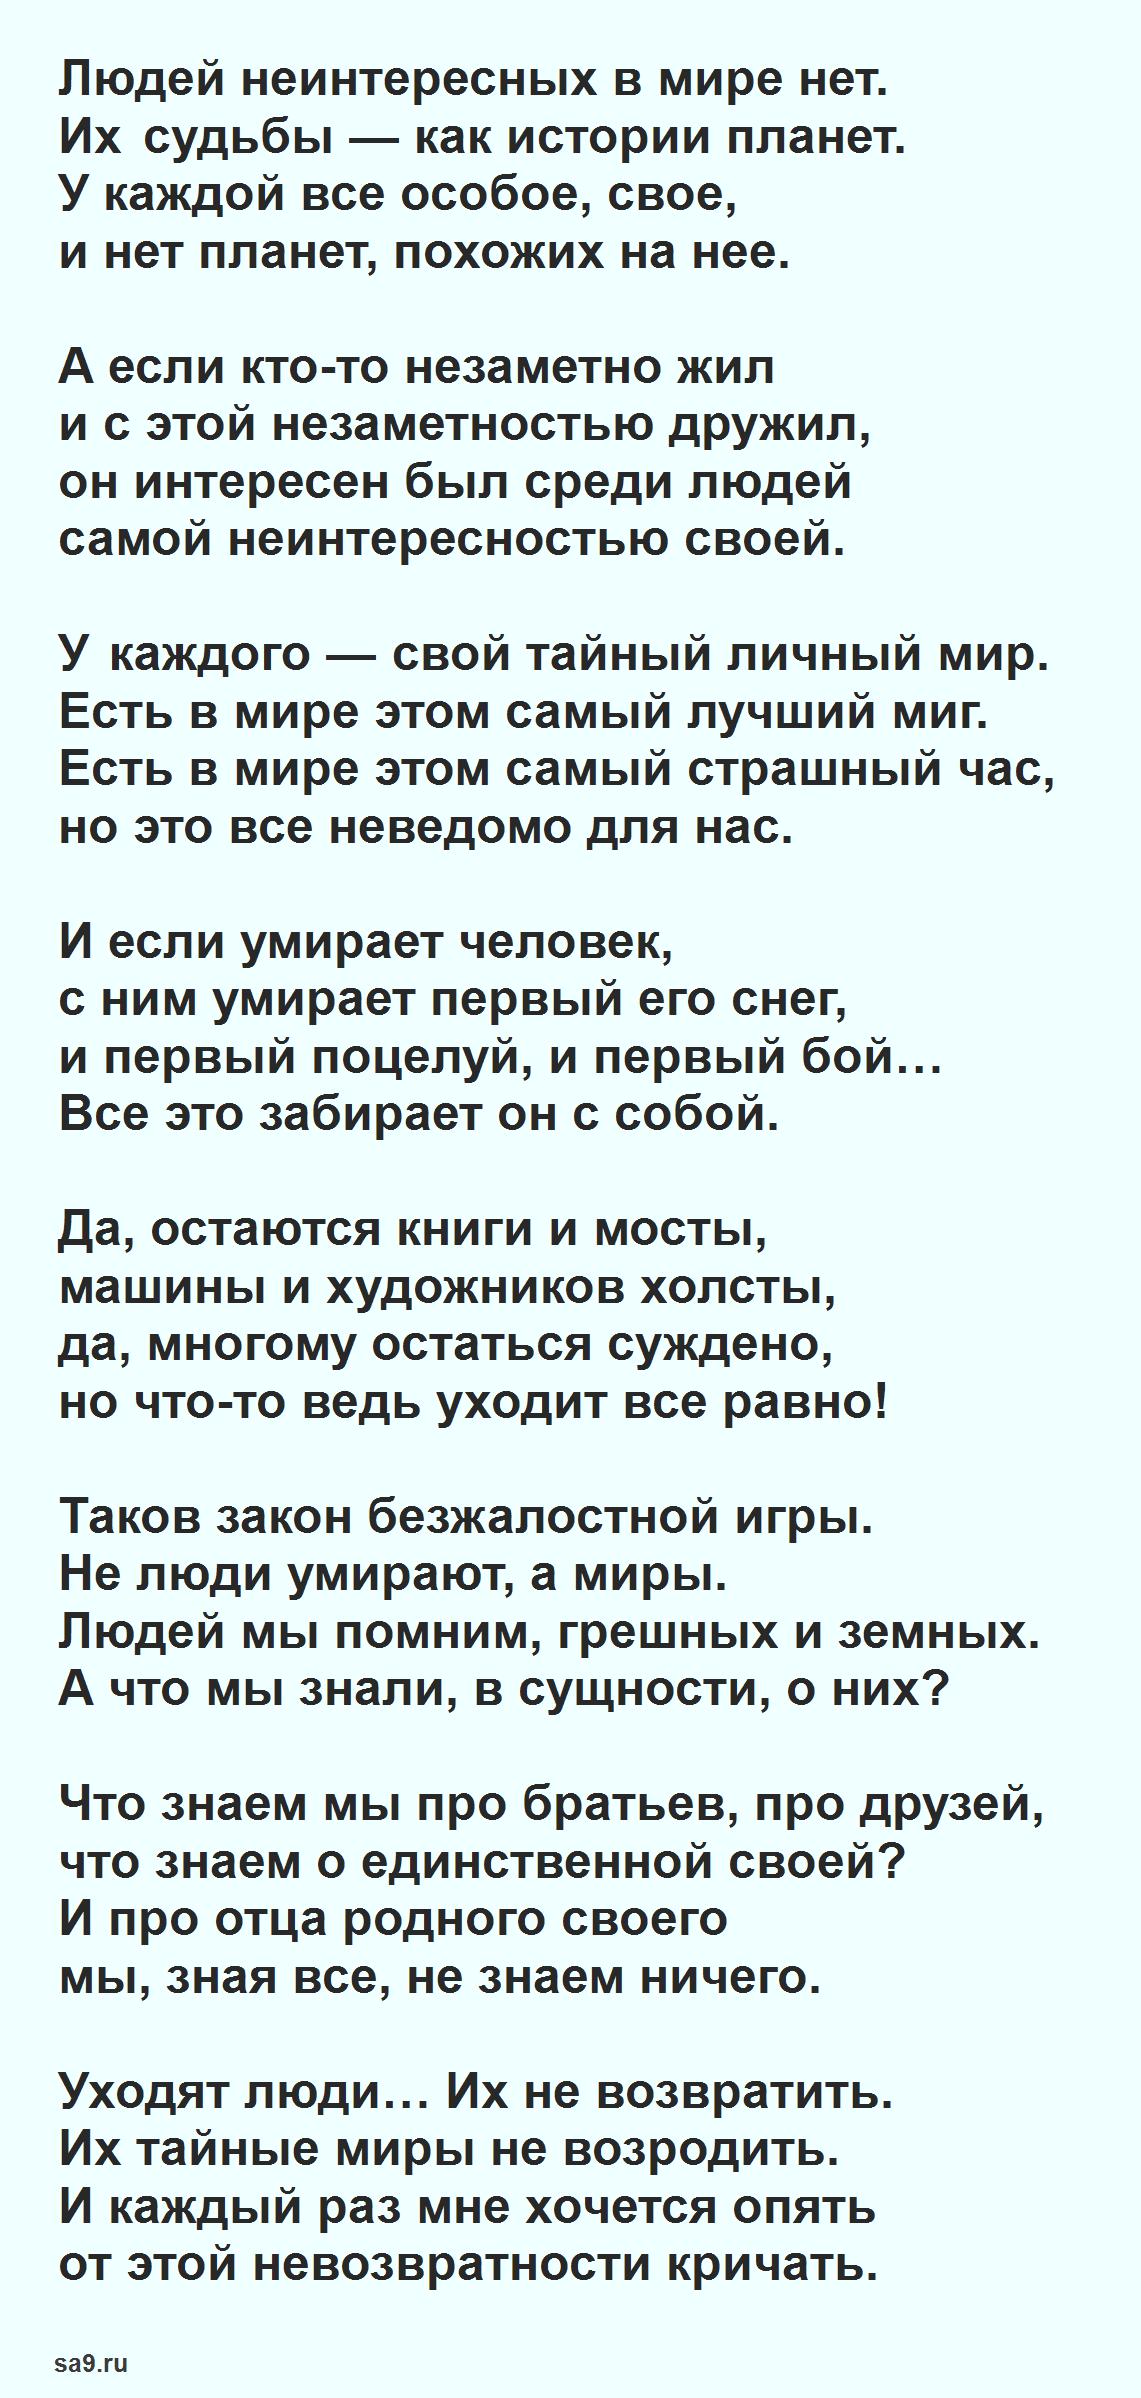 Читать стихи Евтушенко о жизни - Людей неинтересных в мире нет